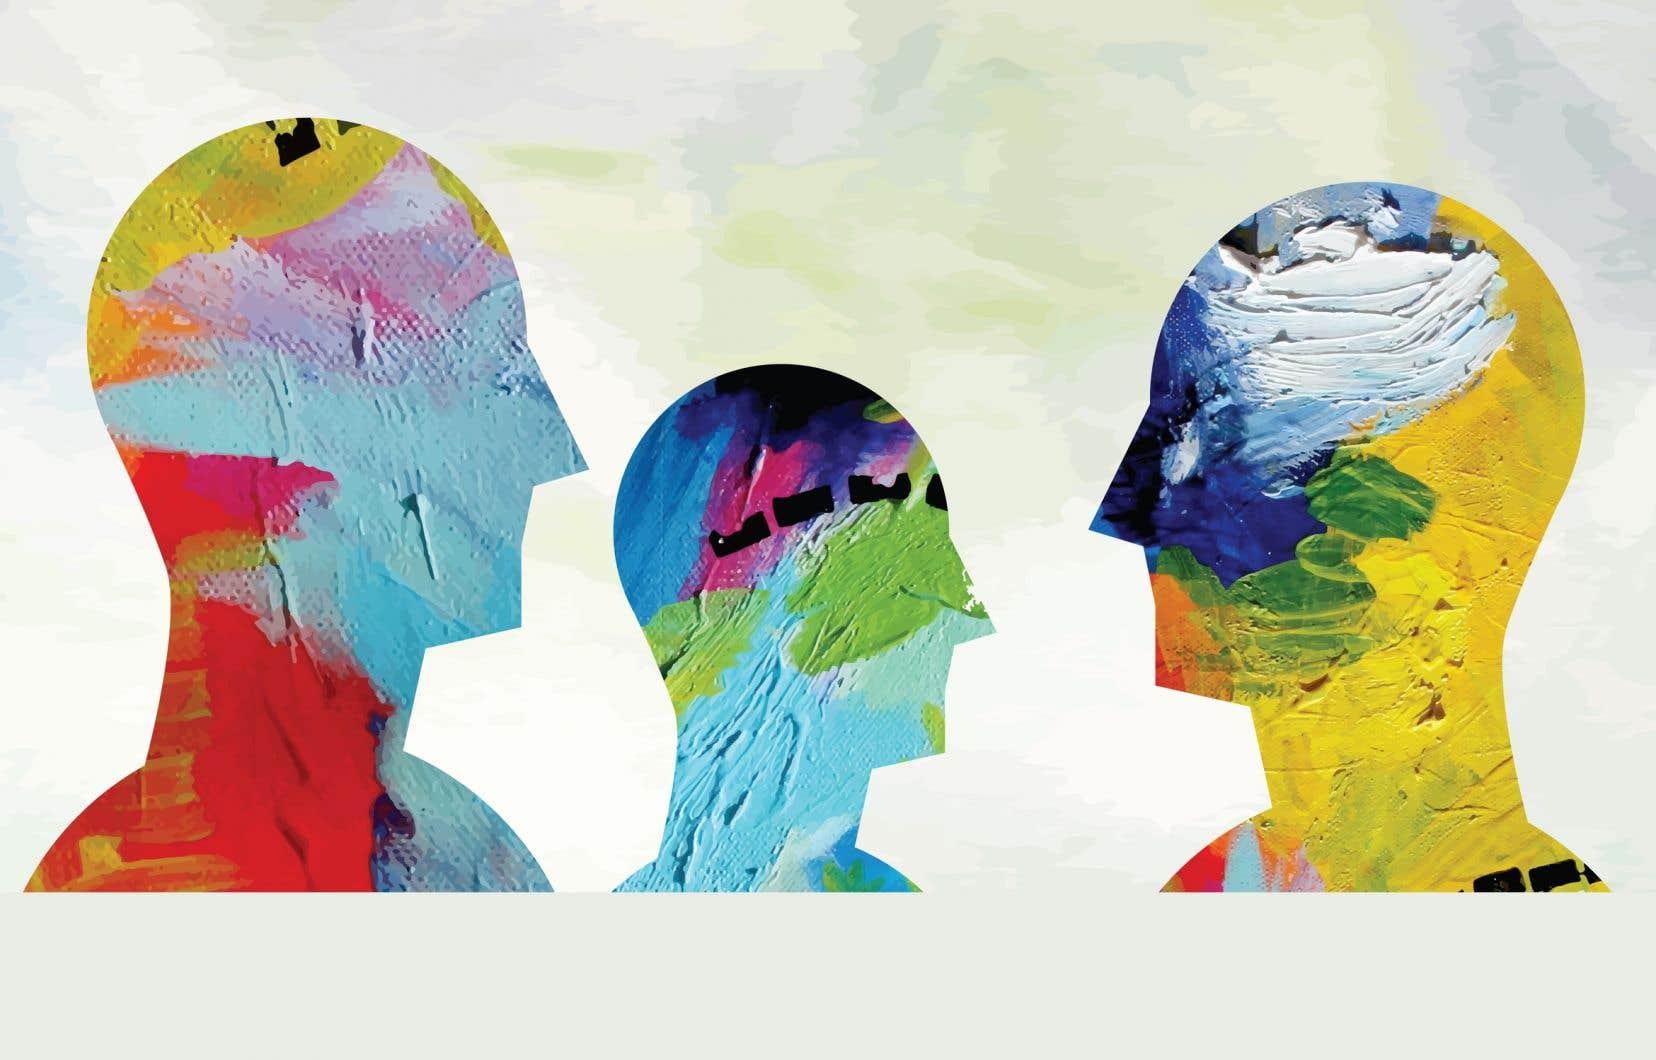 «On sait que les parents et les enfants se ressemblent physiquement, mais on oublie souvent qu'ils se ressemblent aussi au niveau de leur cerveau», fait remarquer Sylvana Côté.